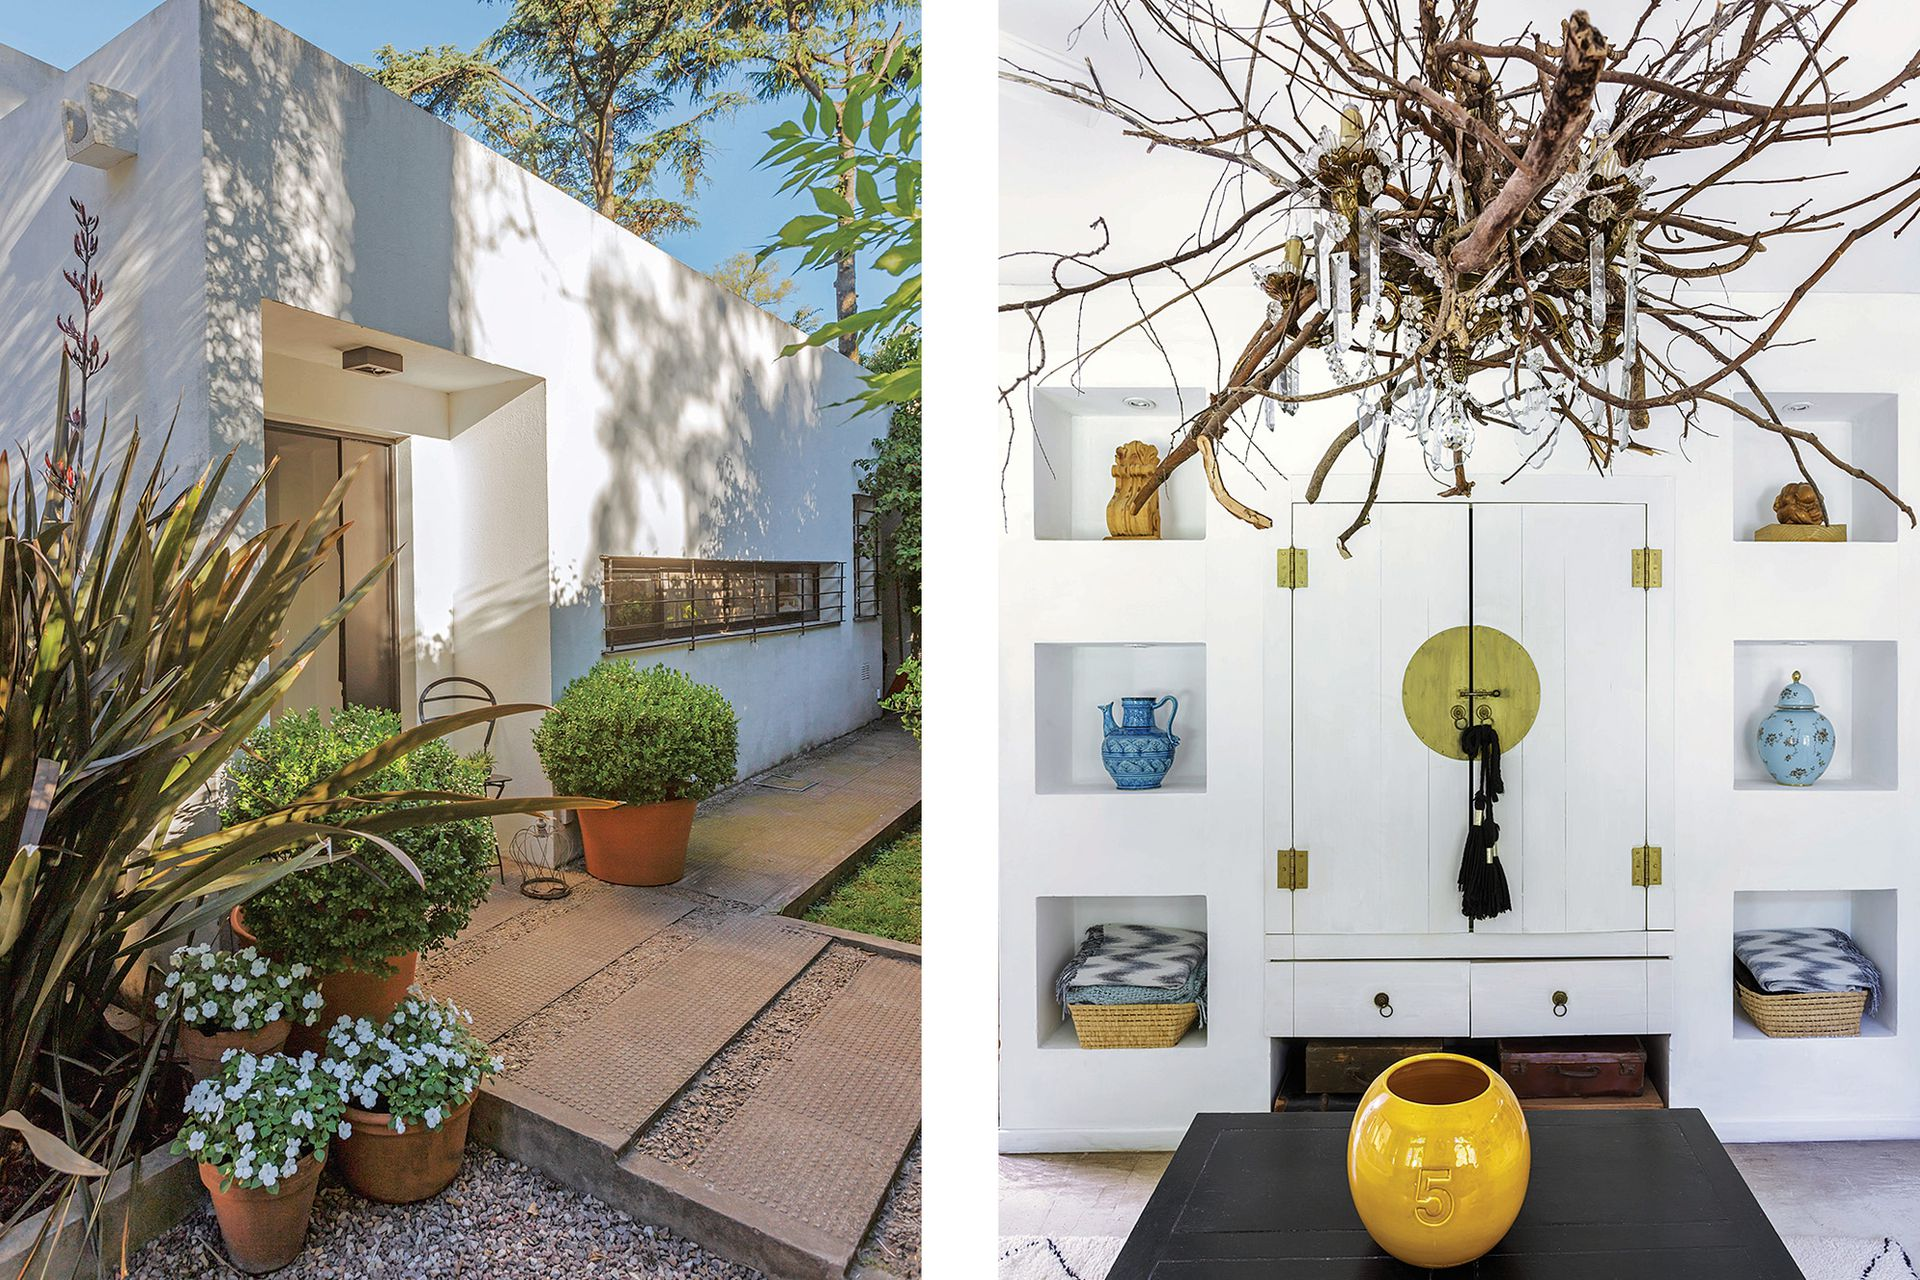 Sensación de descanso en una blanca morada del Mediterráneo es lo que busca transmitir el interiorismo de esta casa.